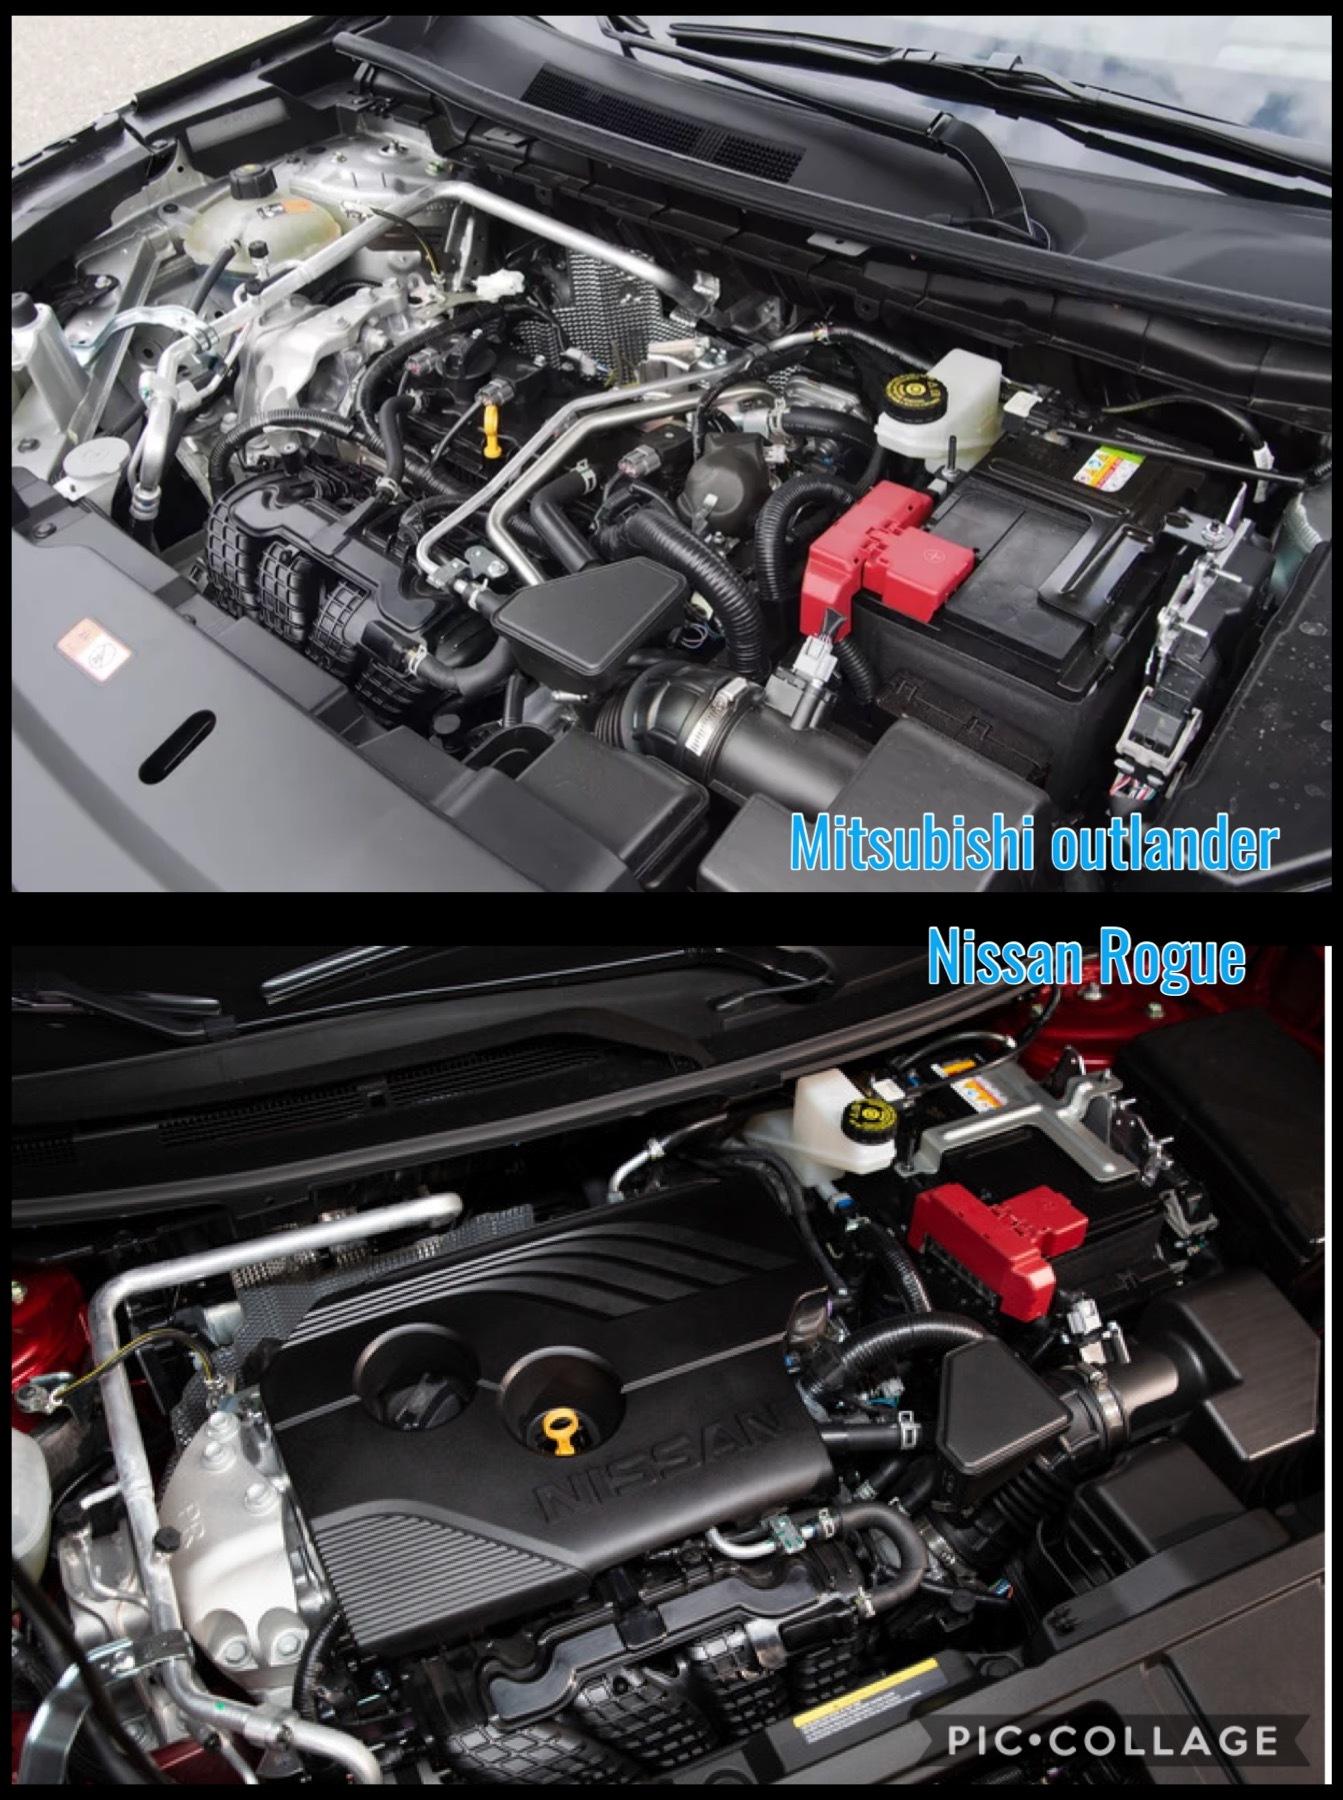 三菱新型アウトランダー 日産新型ローグ2.5Lエンジン